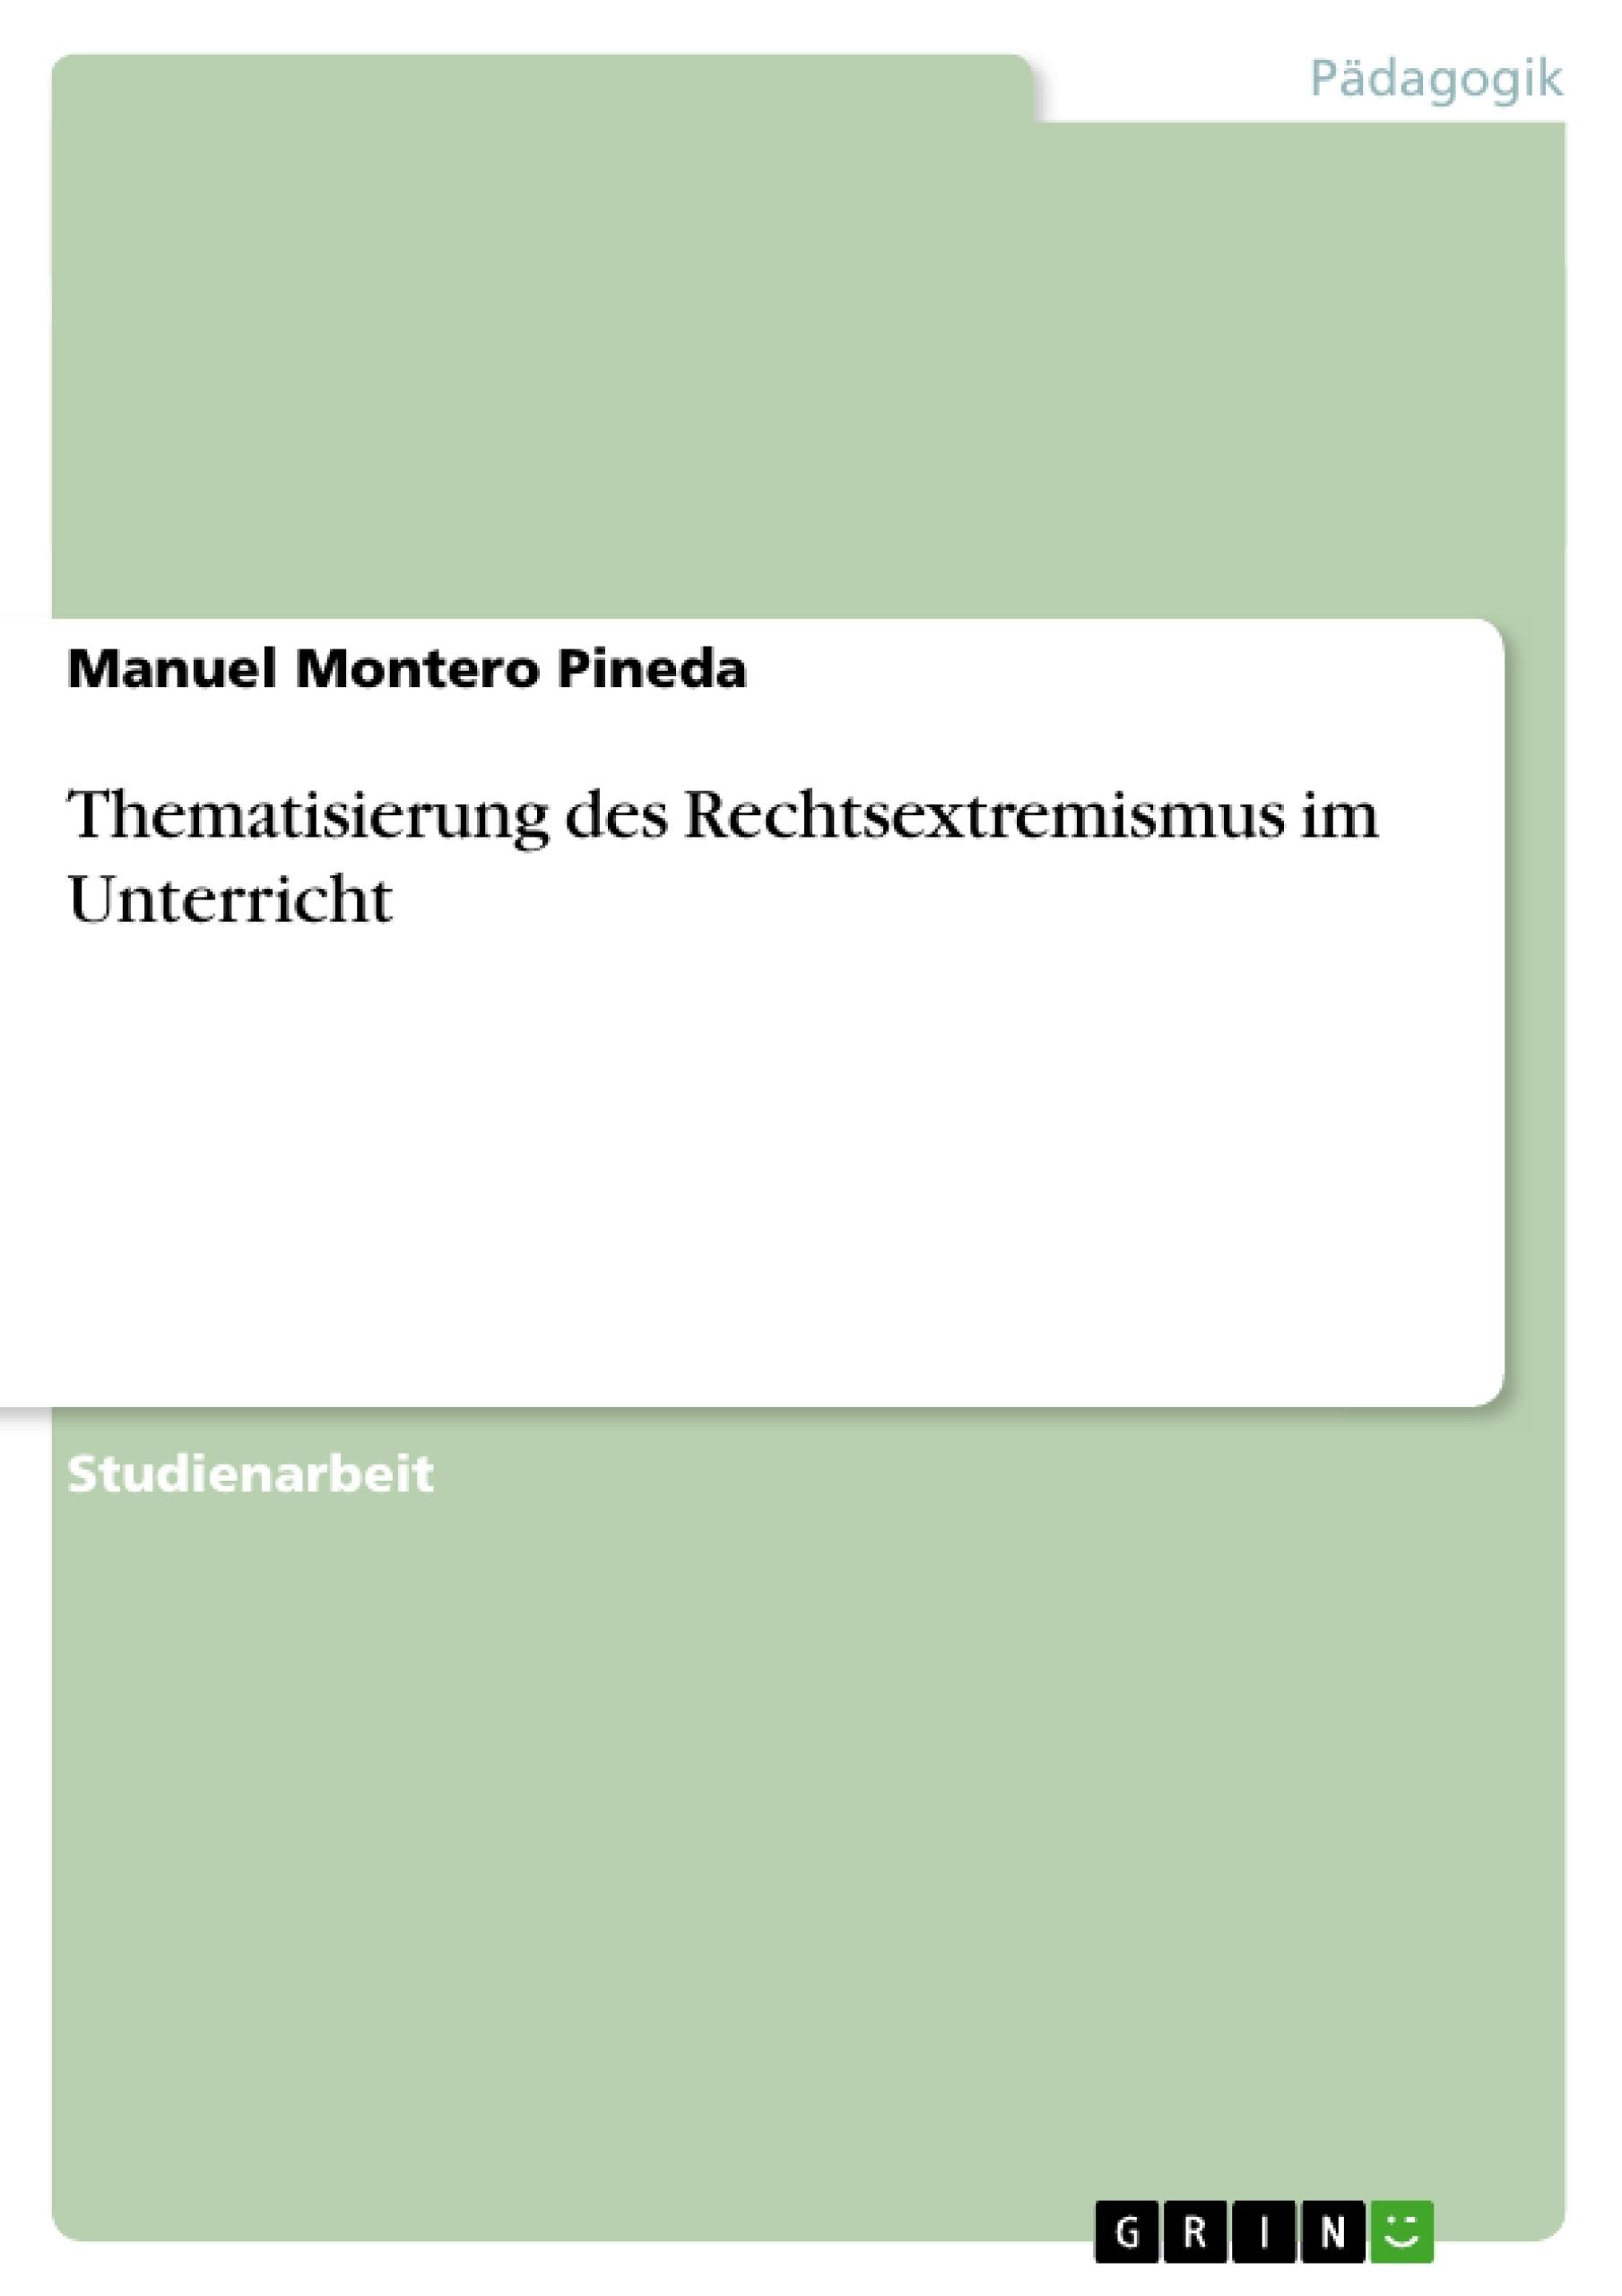 Titel: Thematisierung des Rechtsextremismus im Unterricht